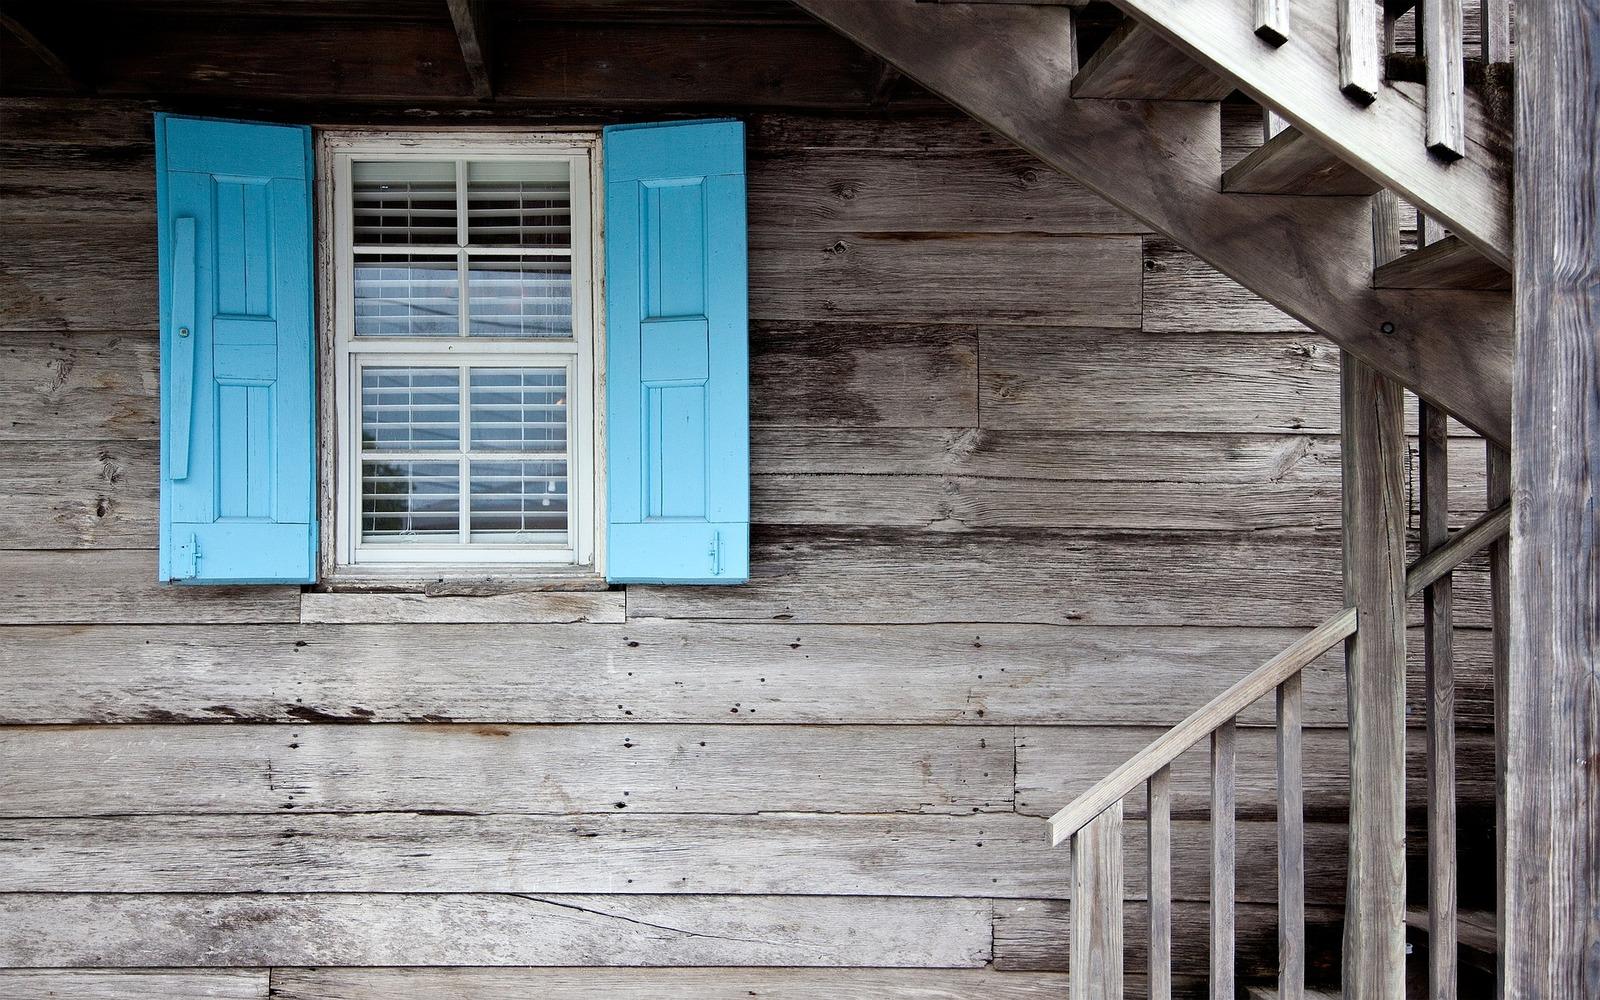 lo-sbaglio-più-grande-che-tutti-fanno-acquistando-una-casa-prefabbricata-in-legno-(-e-che-tu-puoi-evitare)-[parte-2]